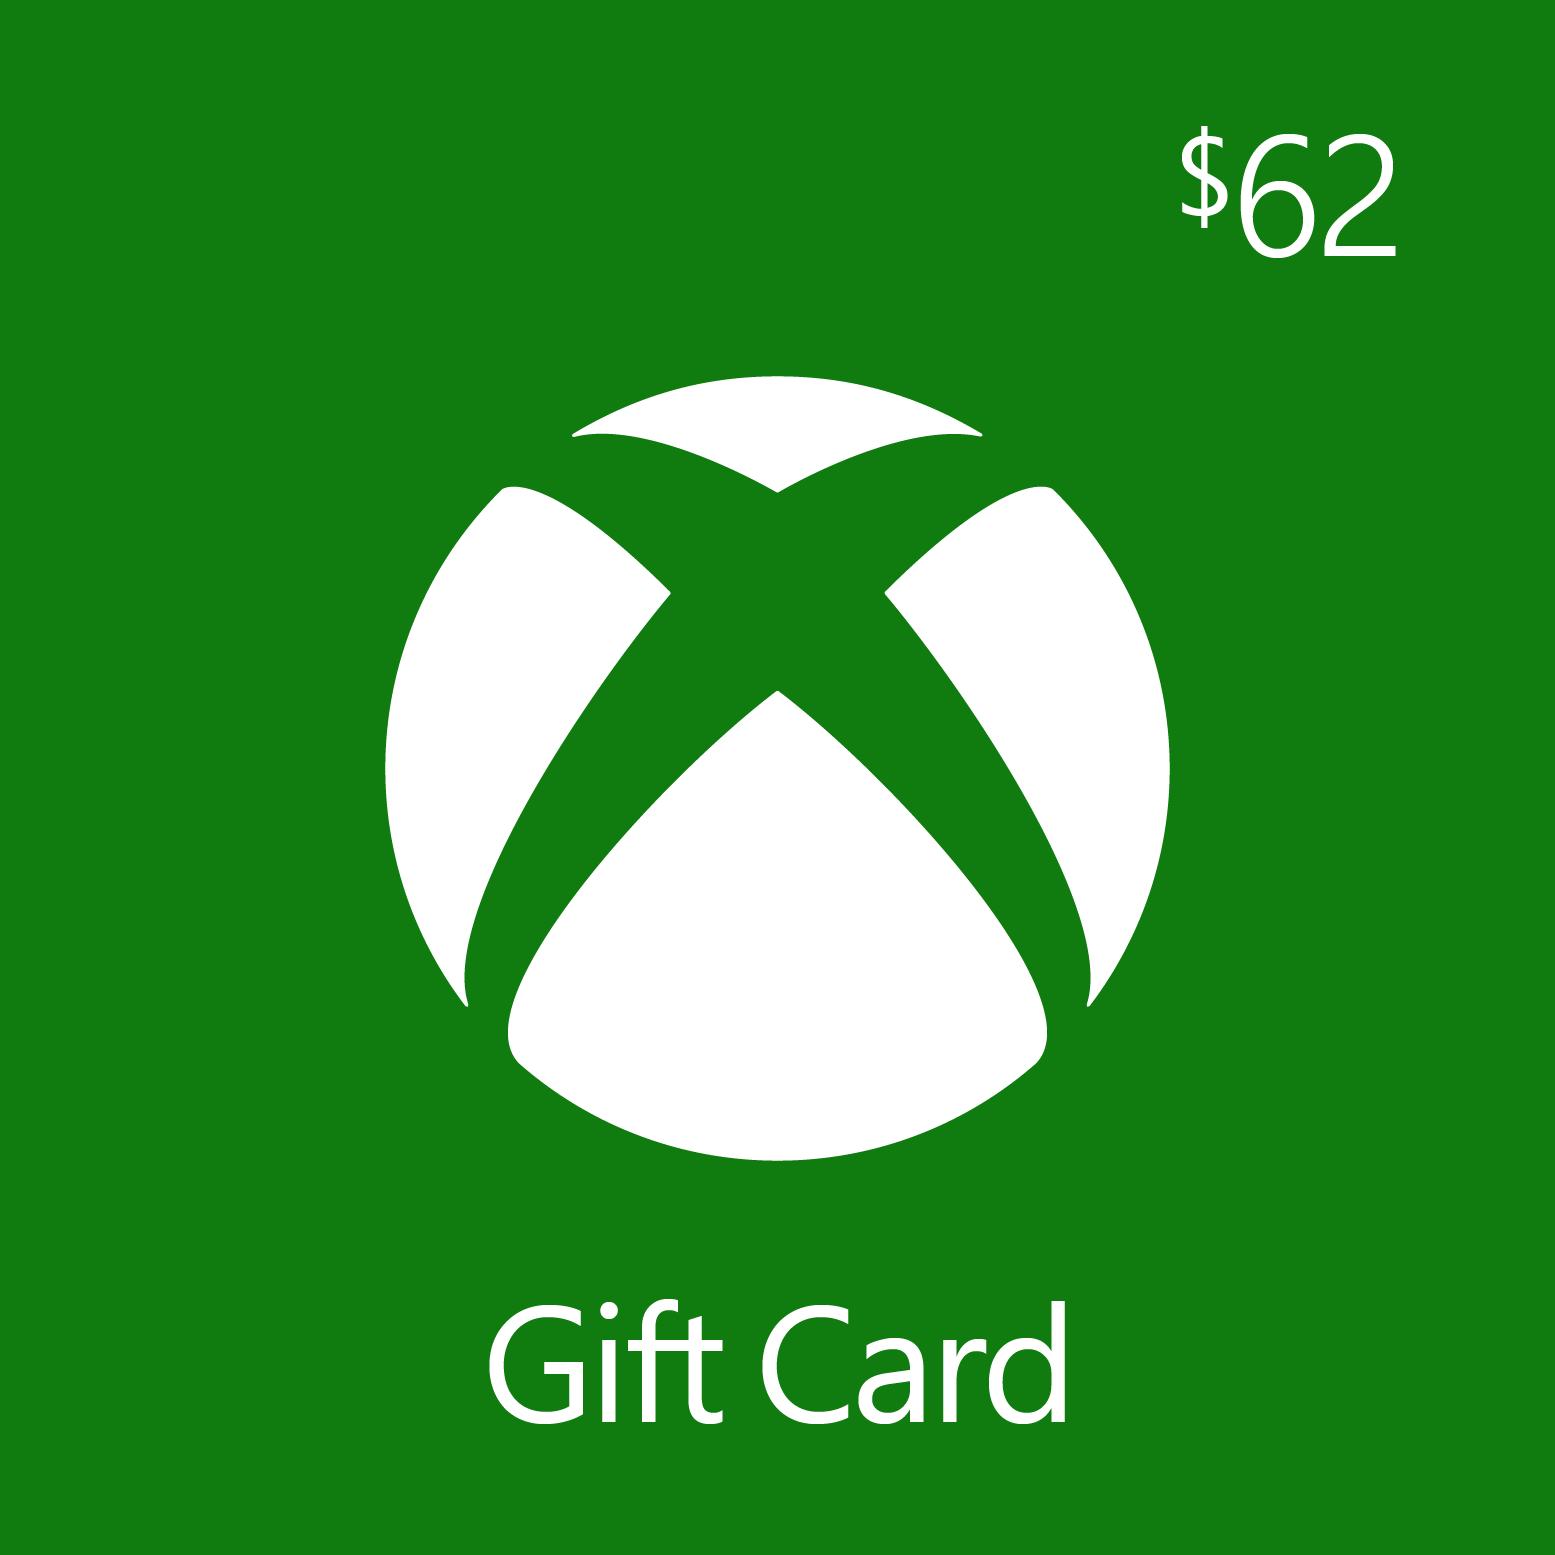 $62.00 Xbox Digital Gift Card